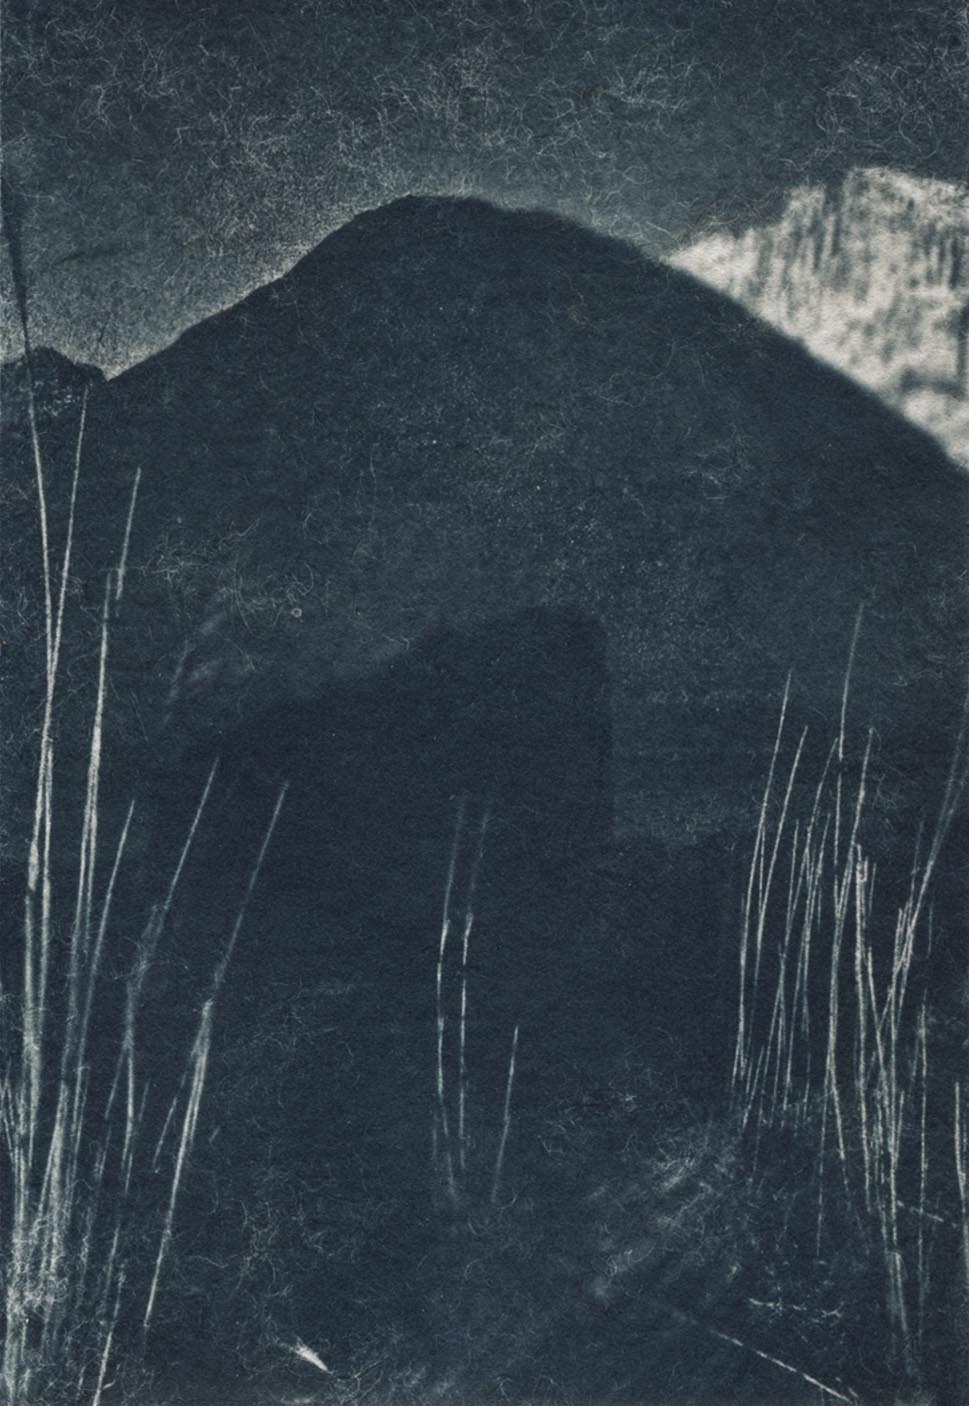 Cyanotype - Corona Trips